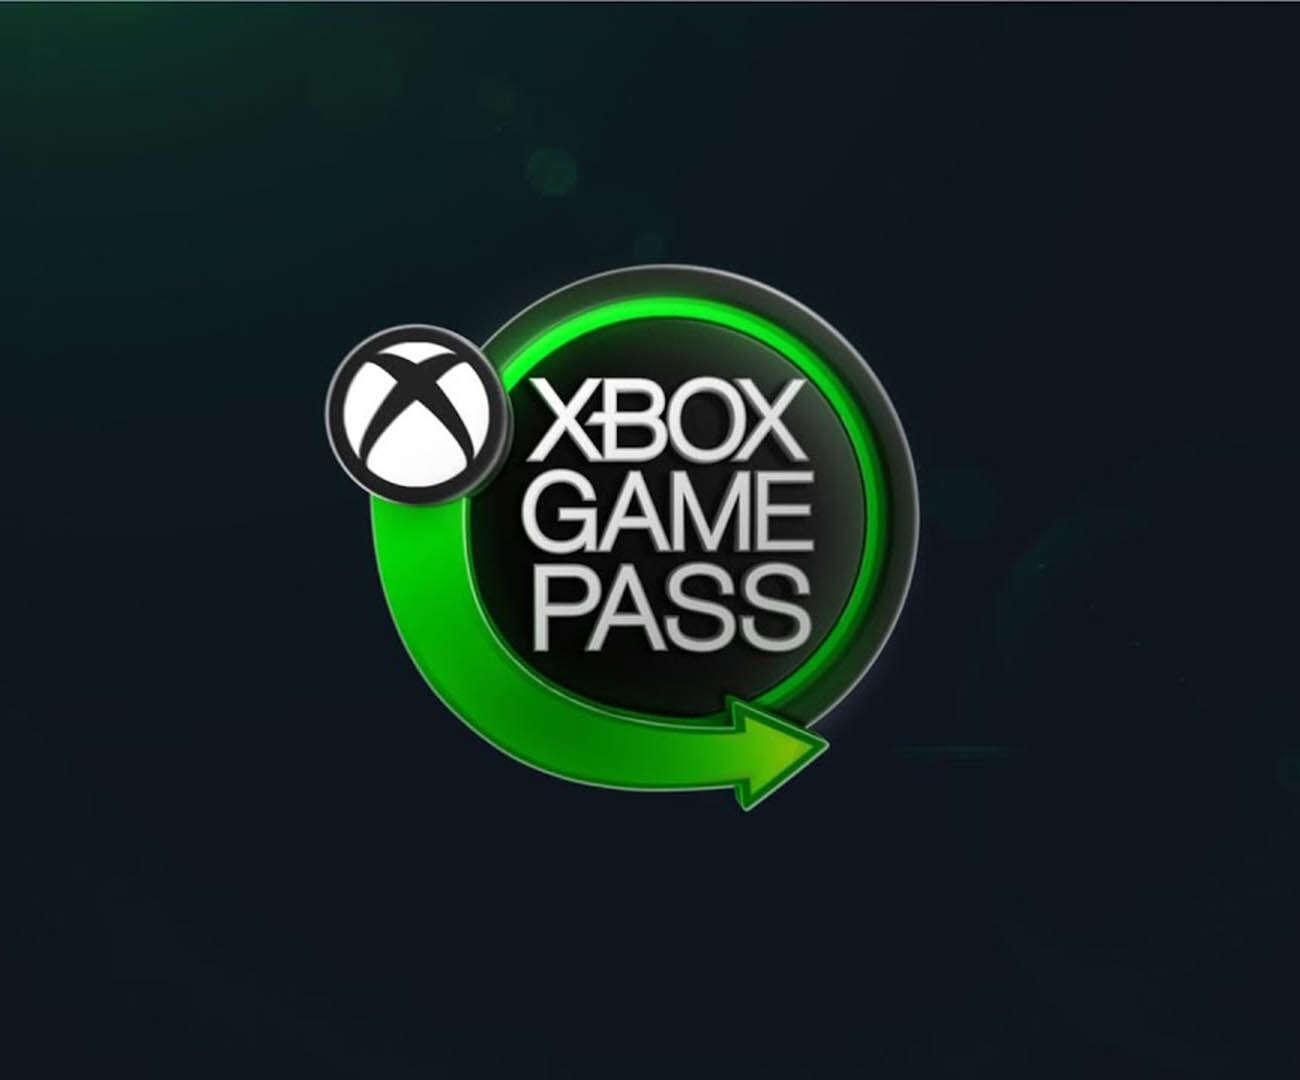 Abonament rodzinny Xbox Game Pass. Jest szansa na tańszą ofertę